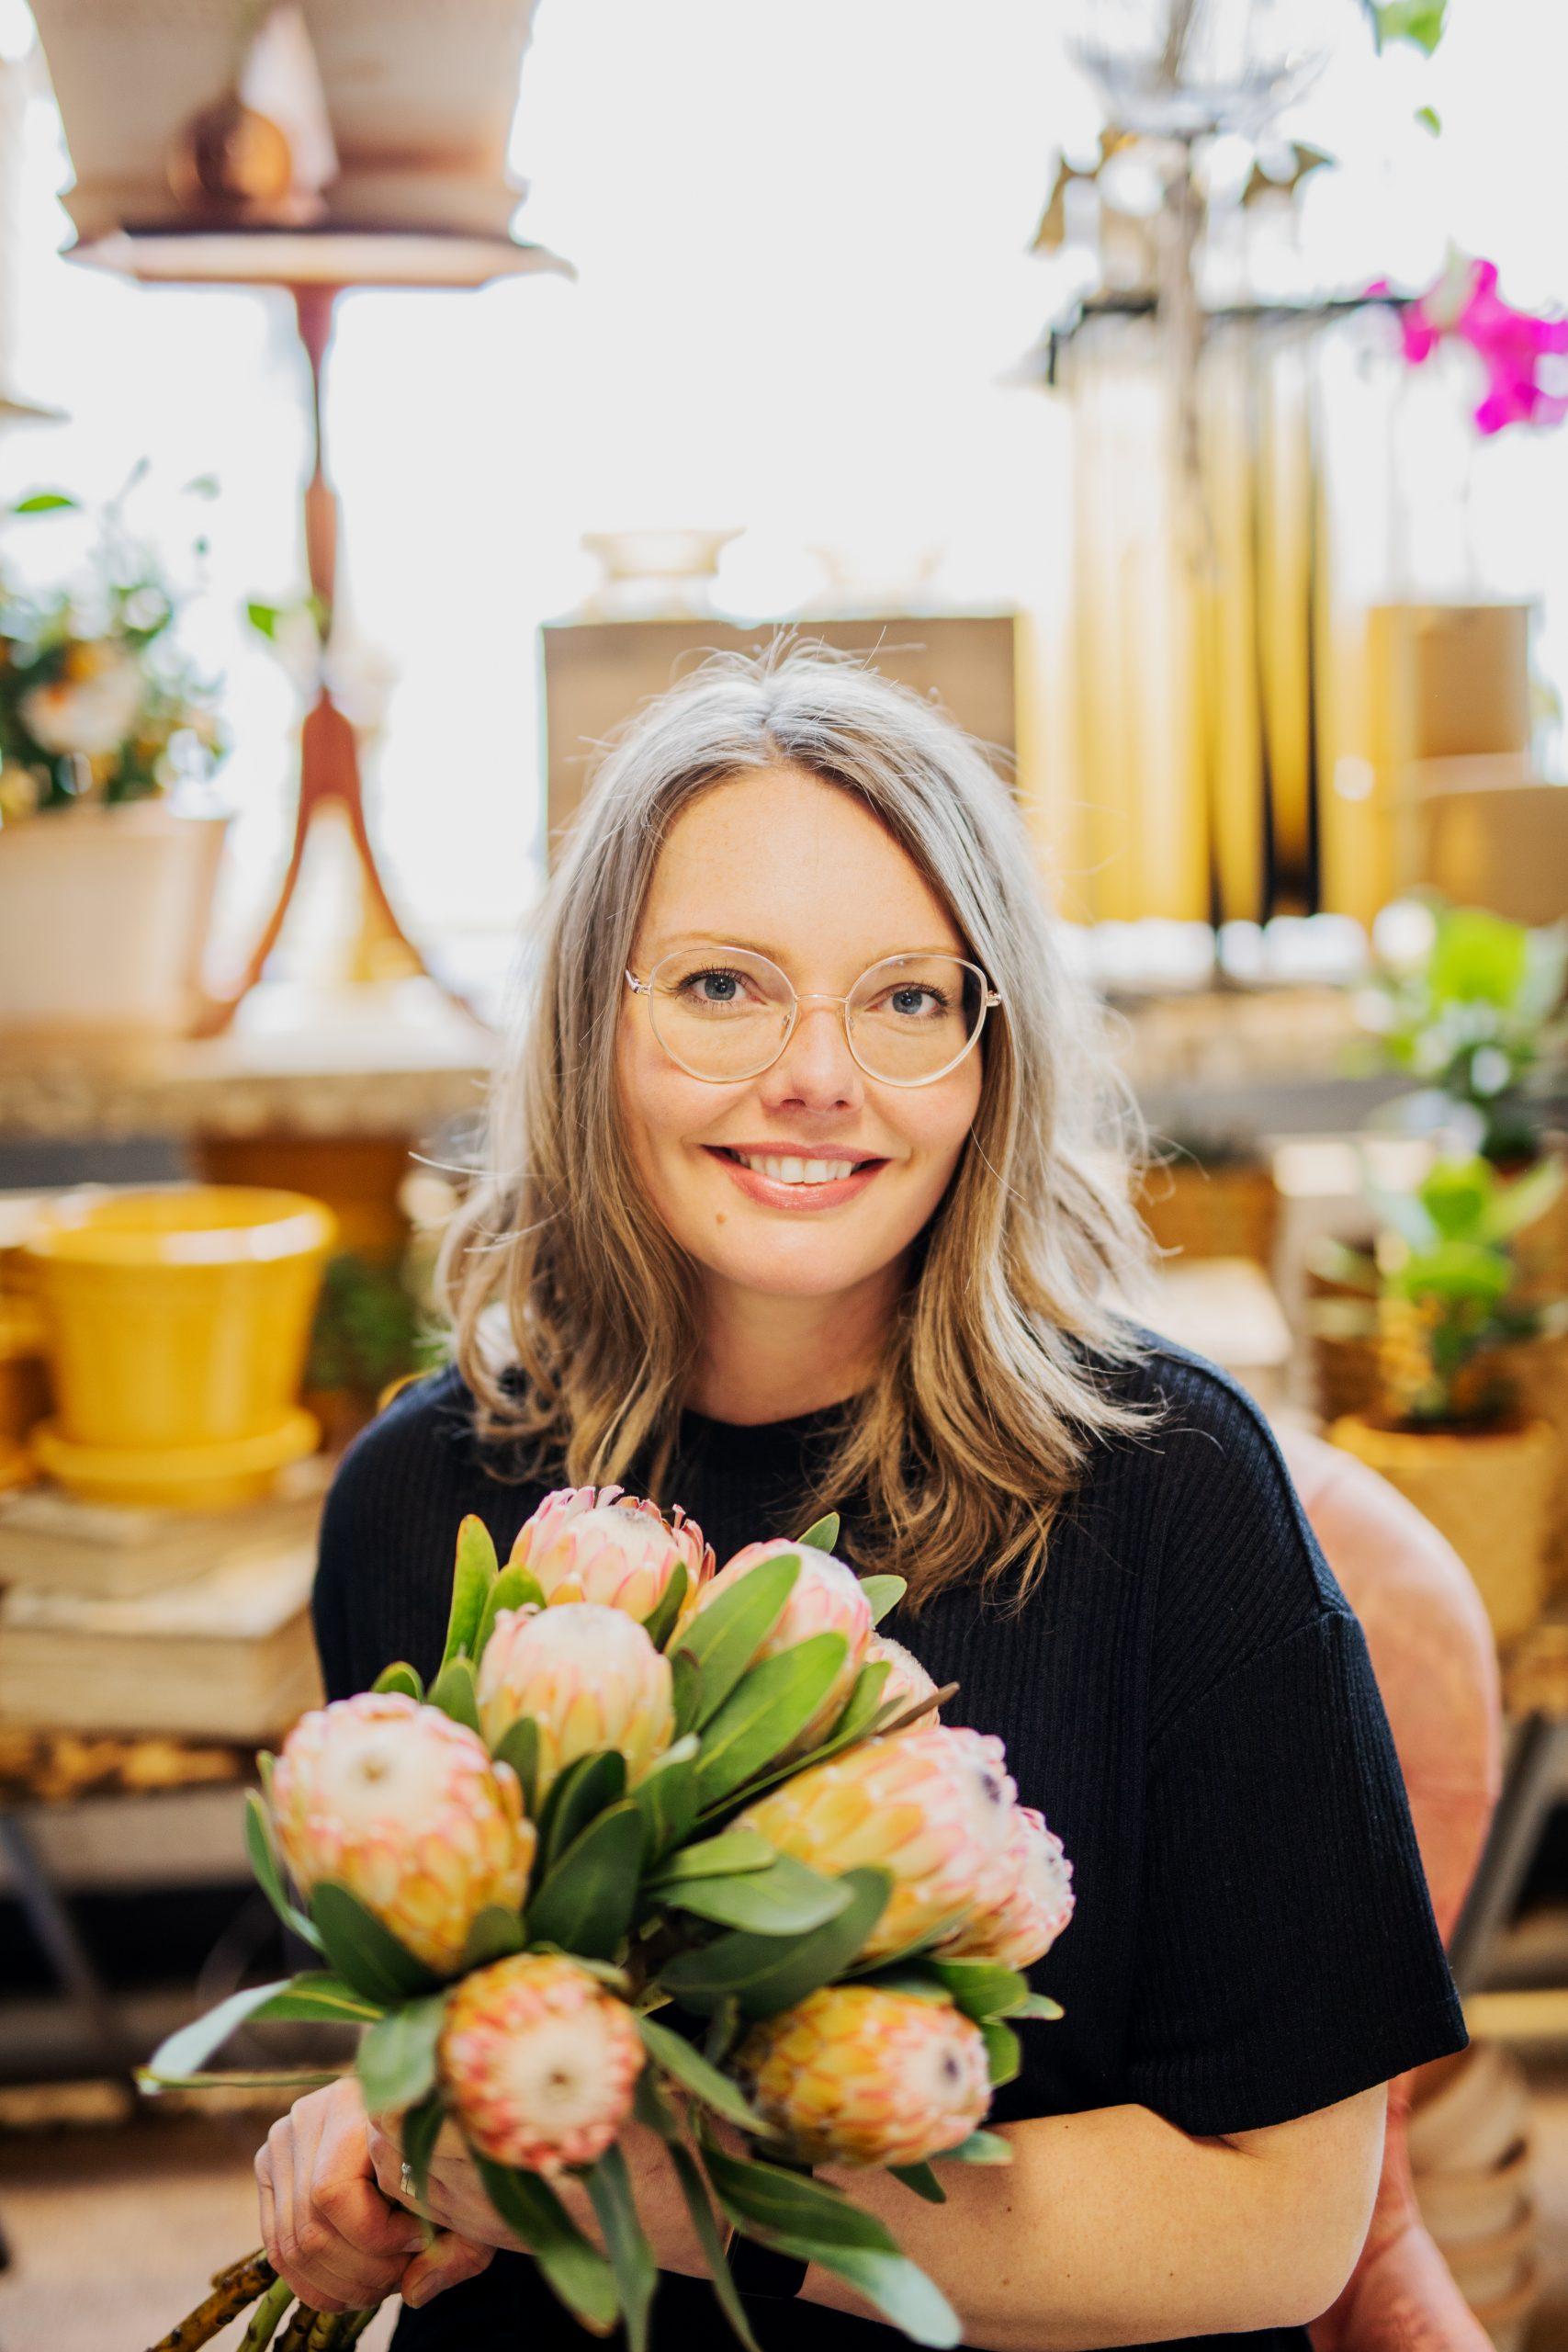 Blomstertips från Johanna Aksoy Hedberg